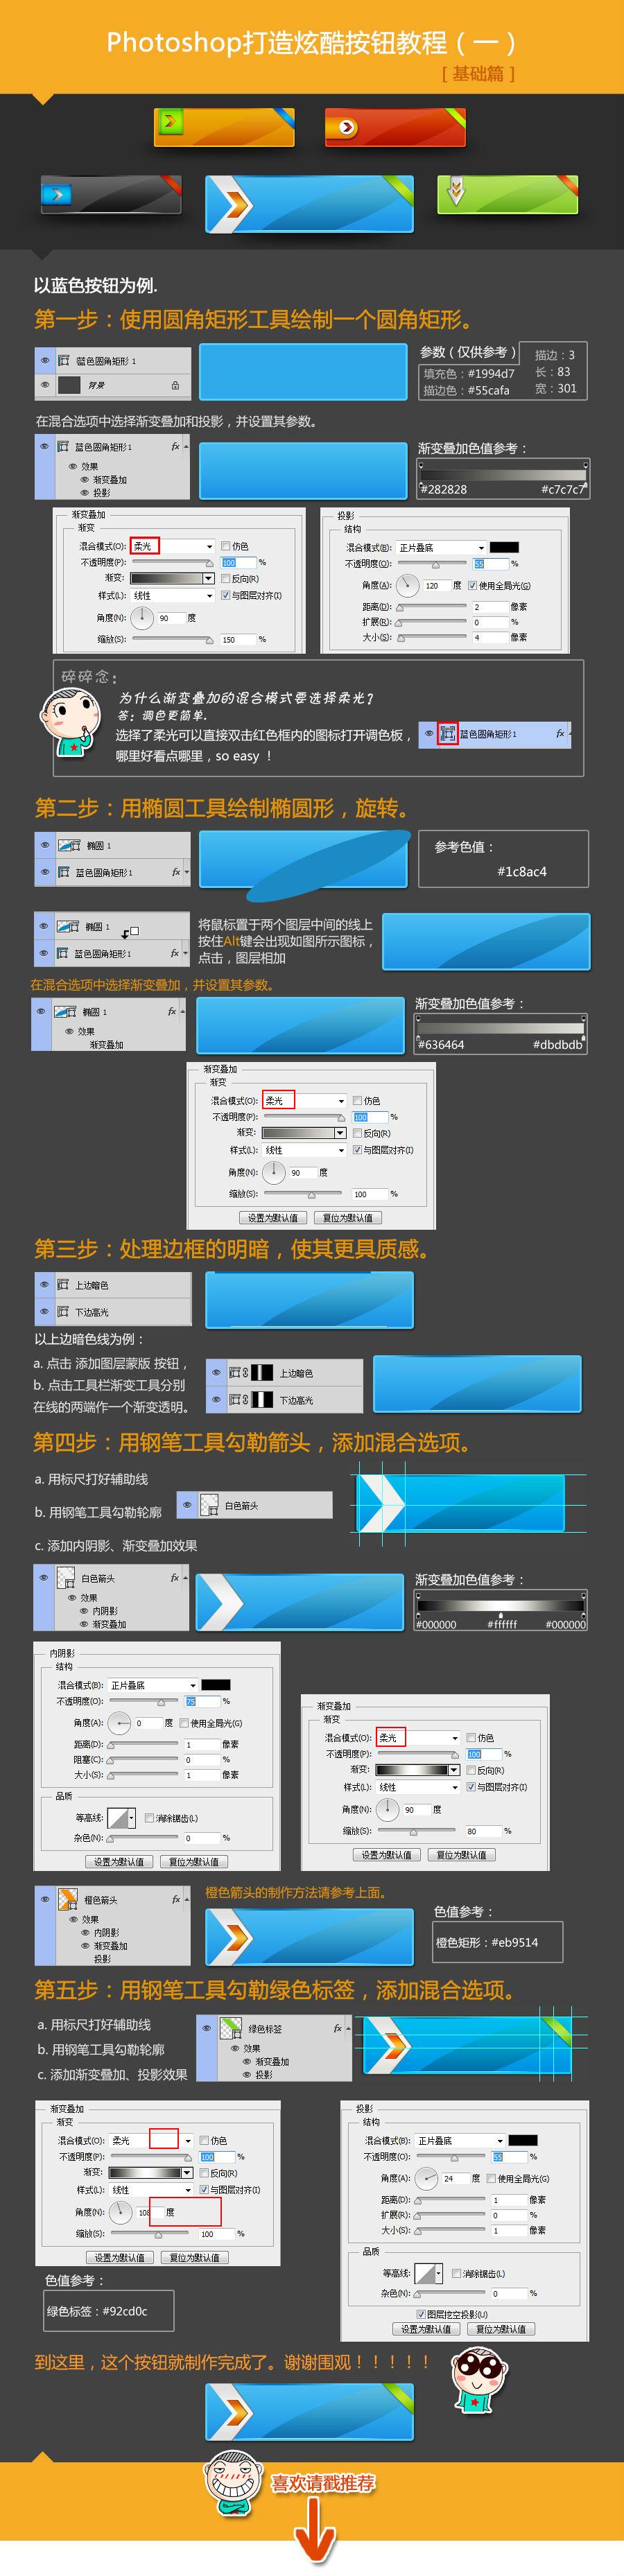 photoshop制作时尚炫酷网页按钮设计教程